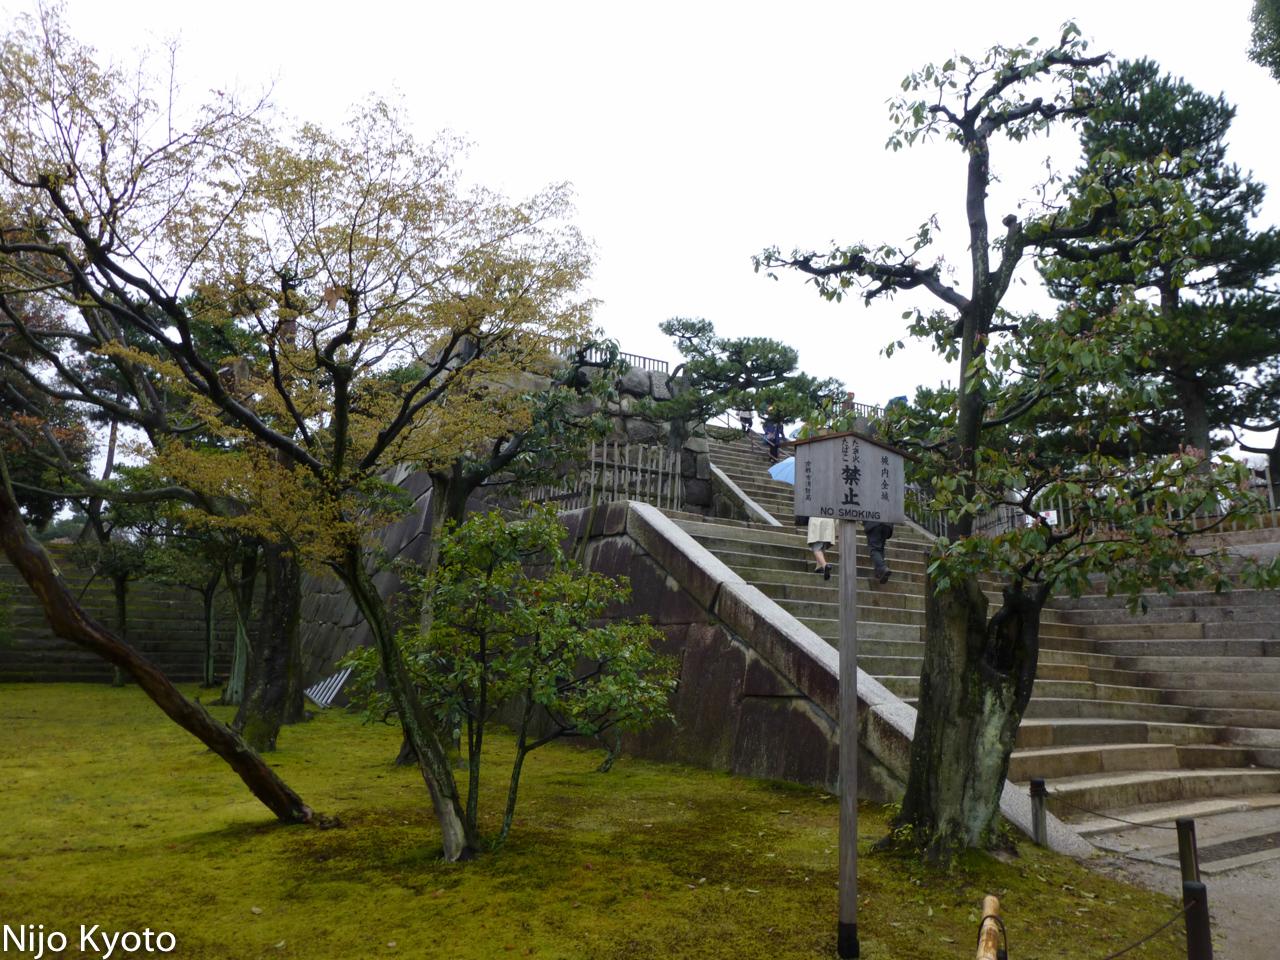 nijo_kyoto-18